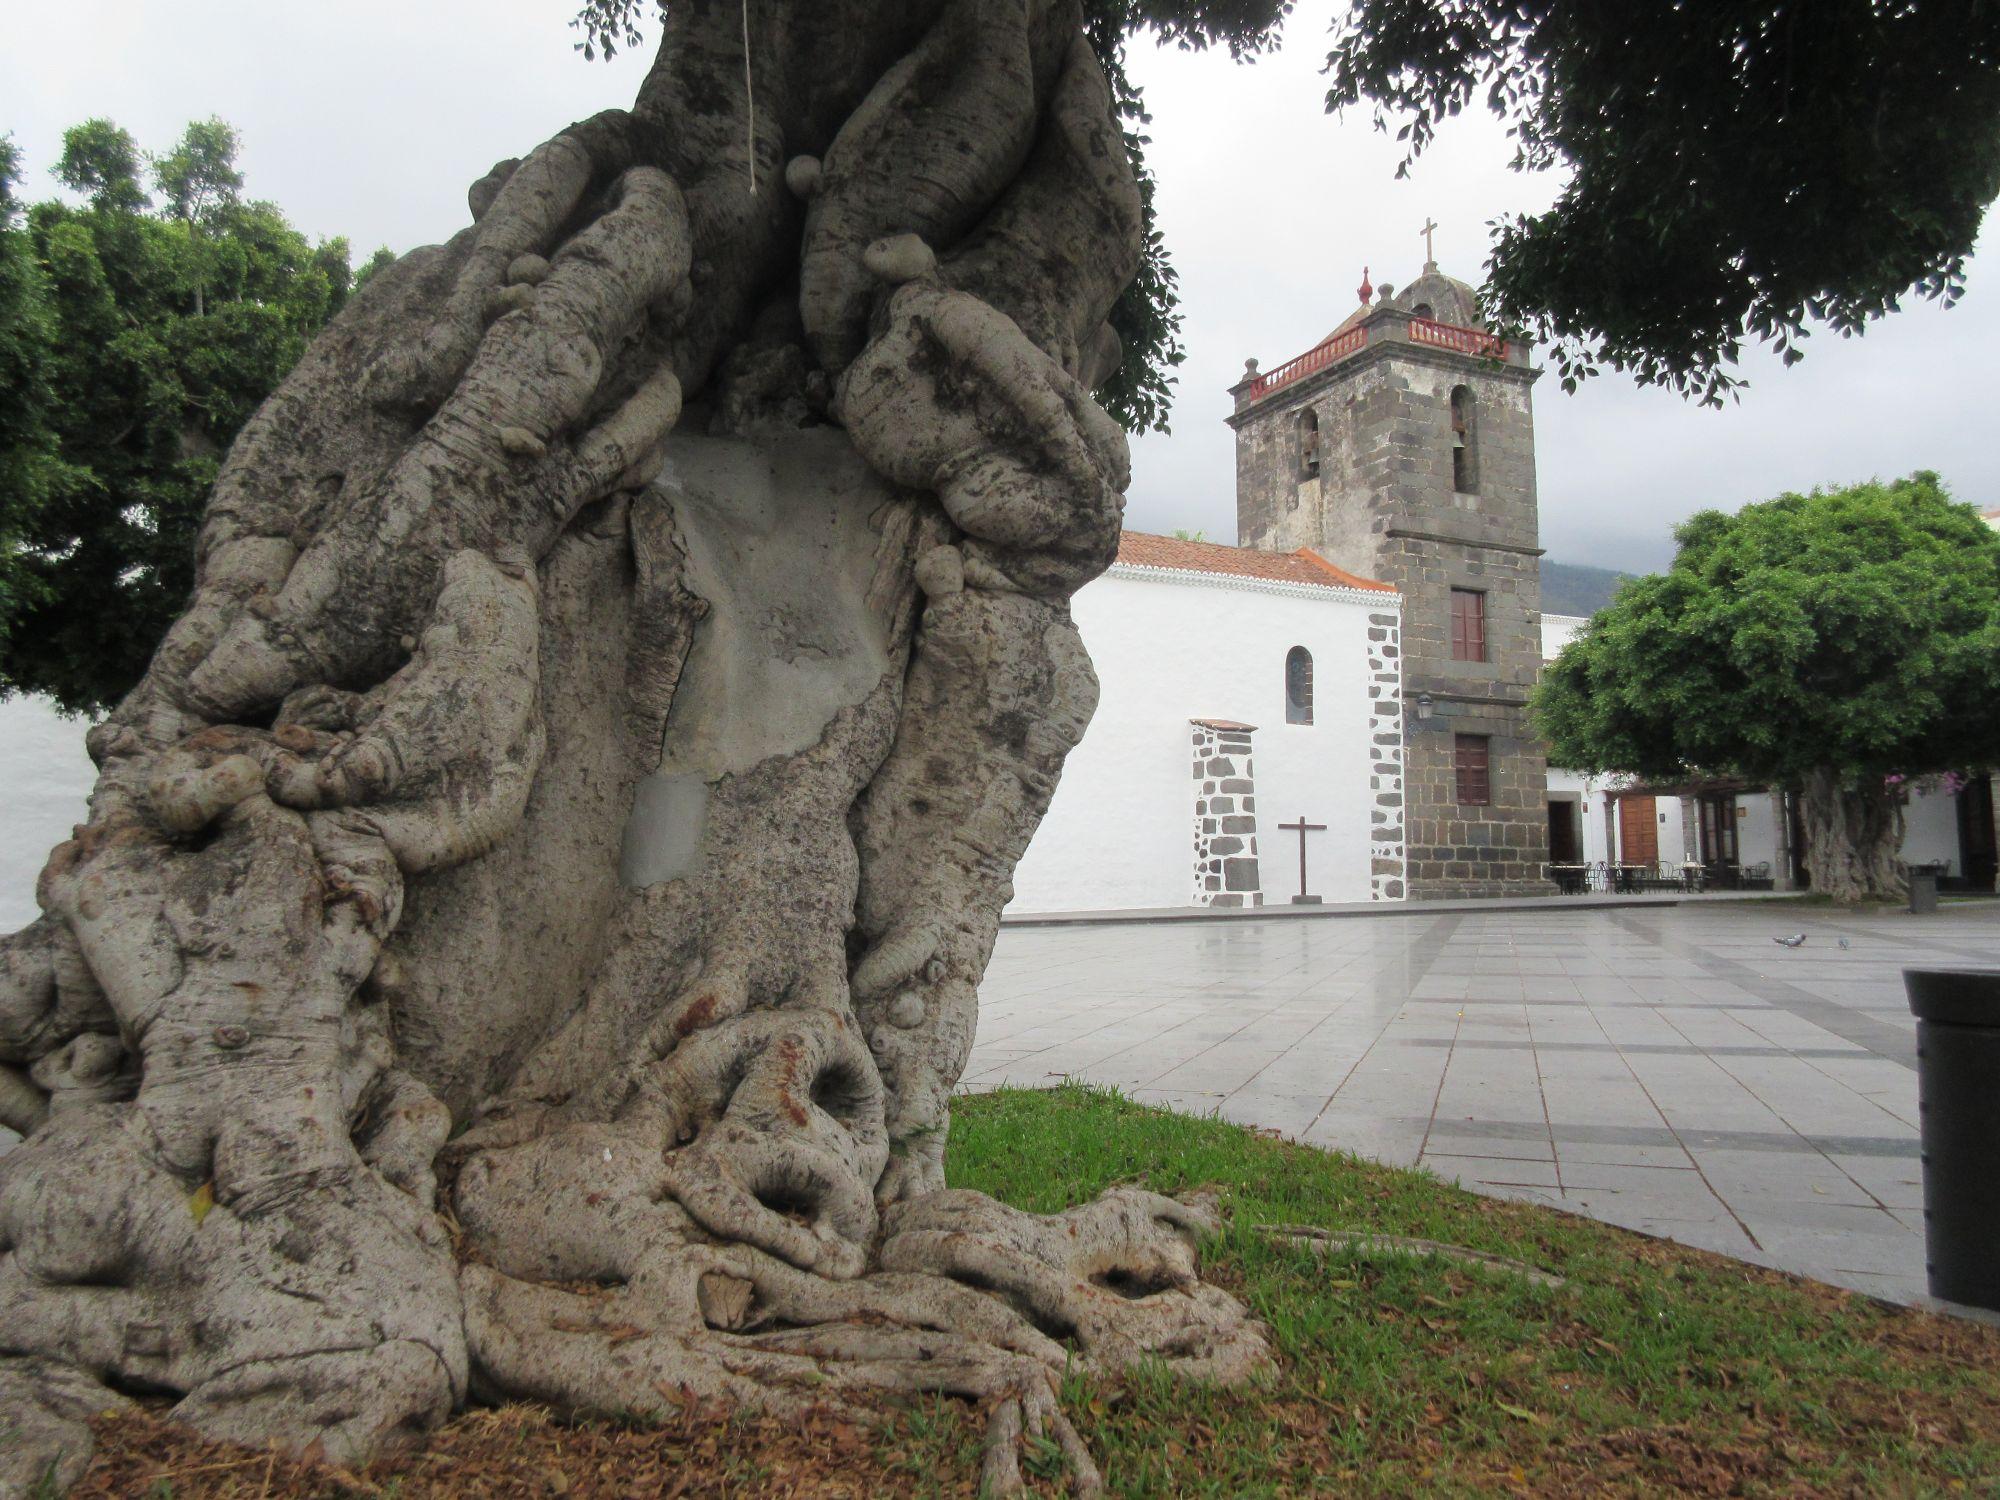 plaza espana los llanos de aridane